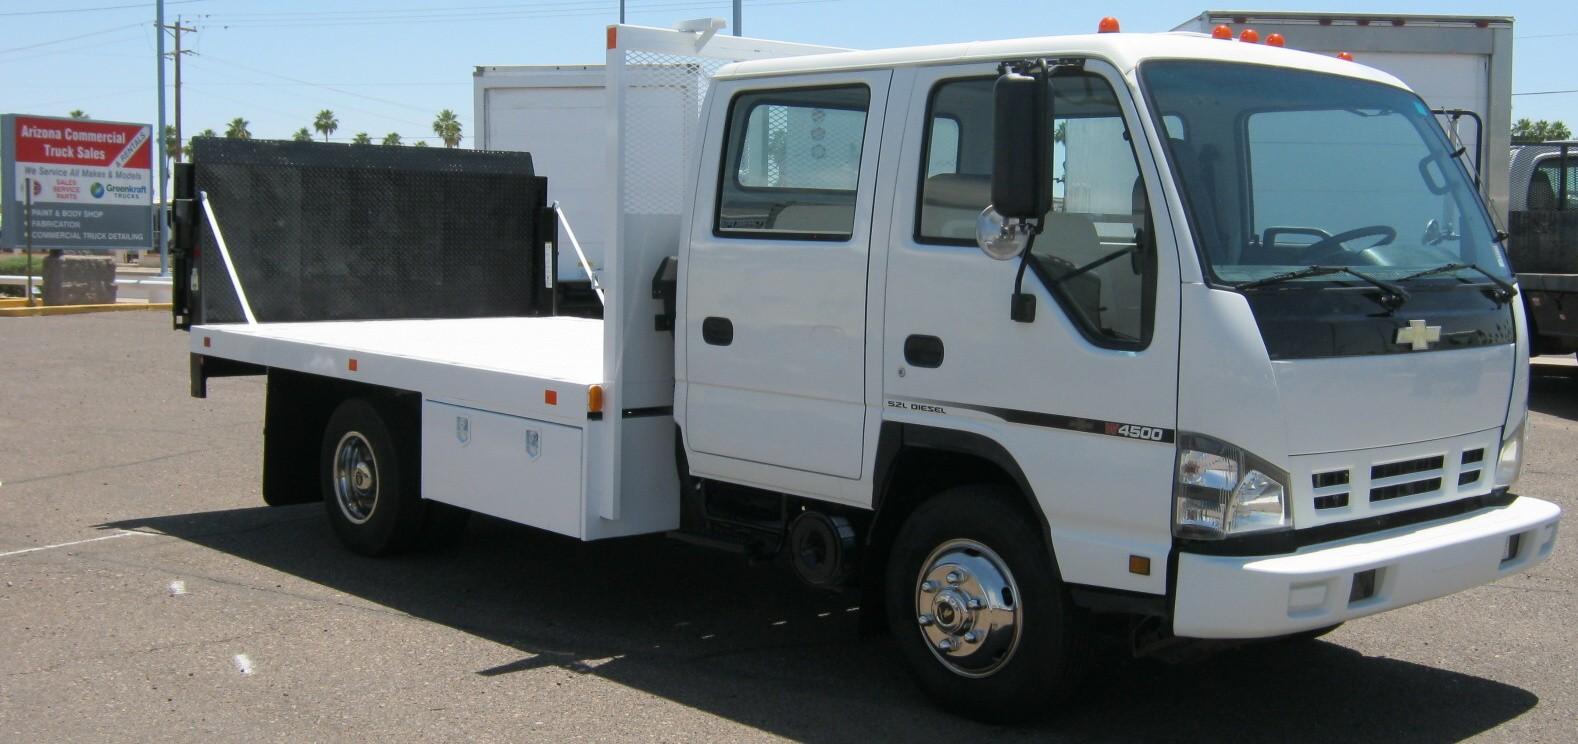 Arizona Commercial Truck Sales LLC: Truck Sales, Truck Rental, Truck